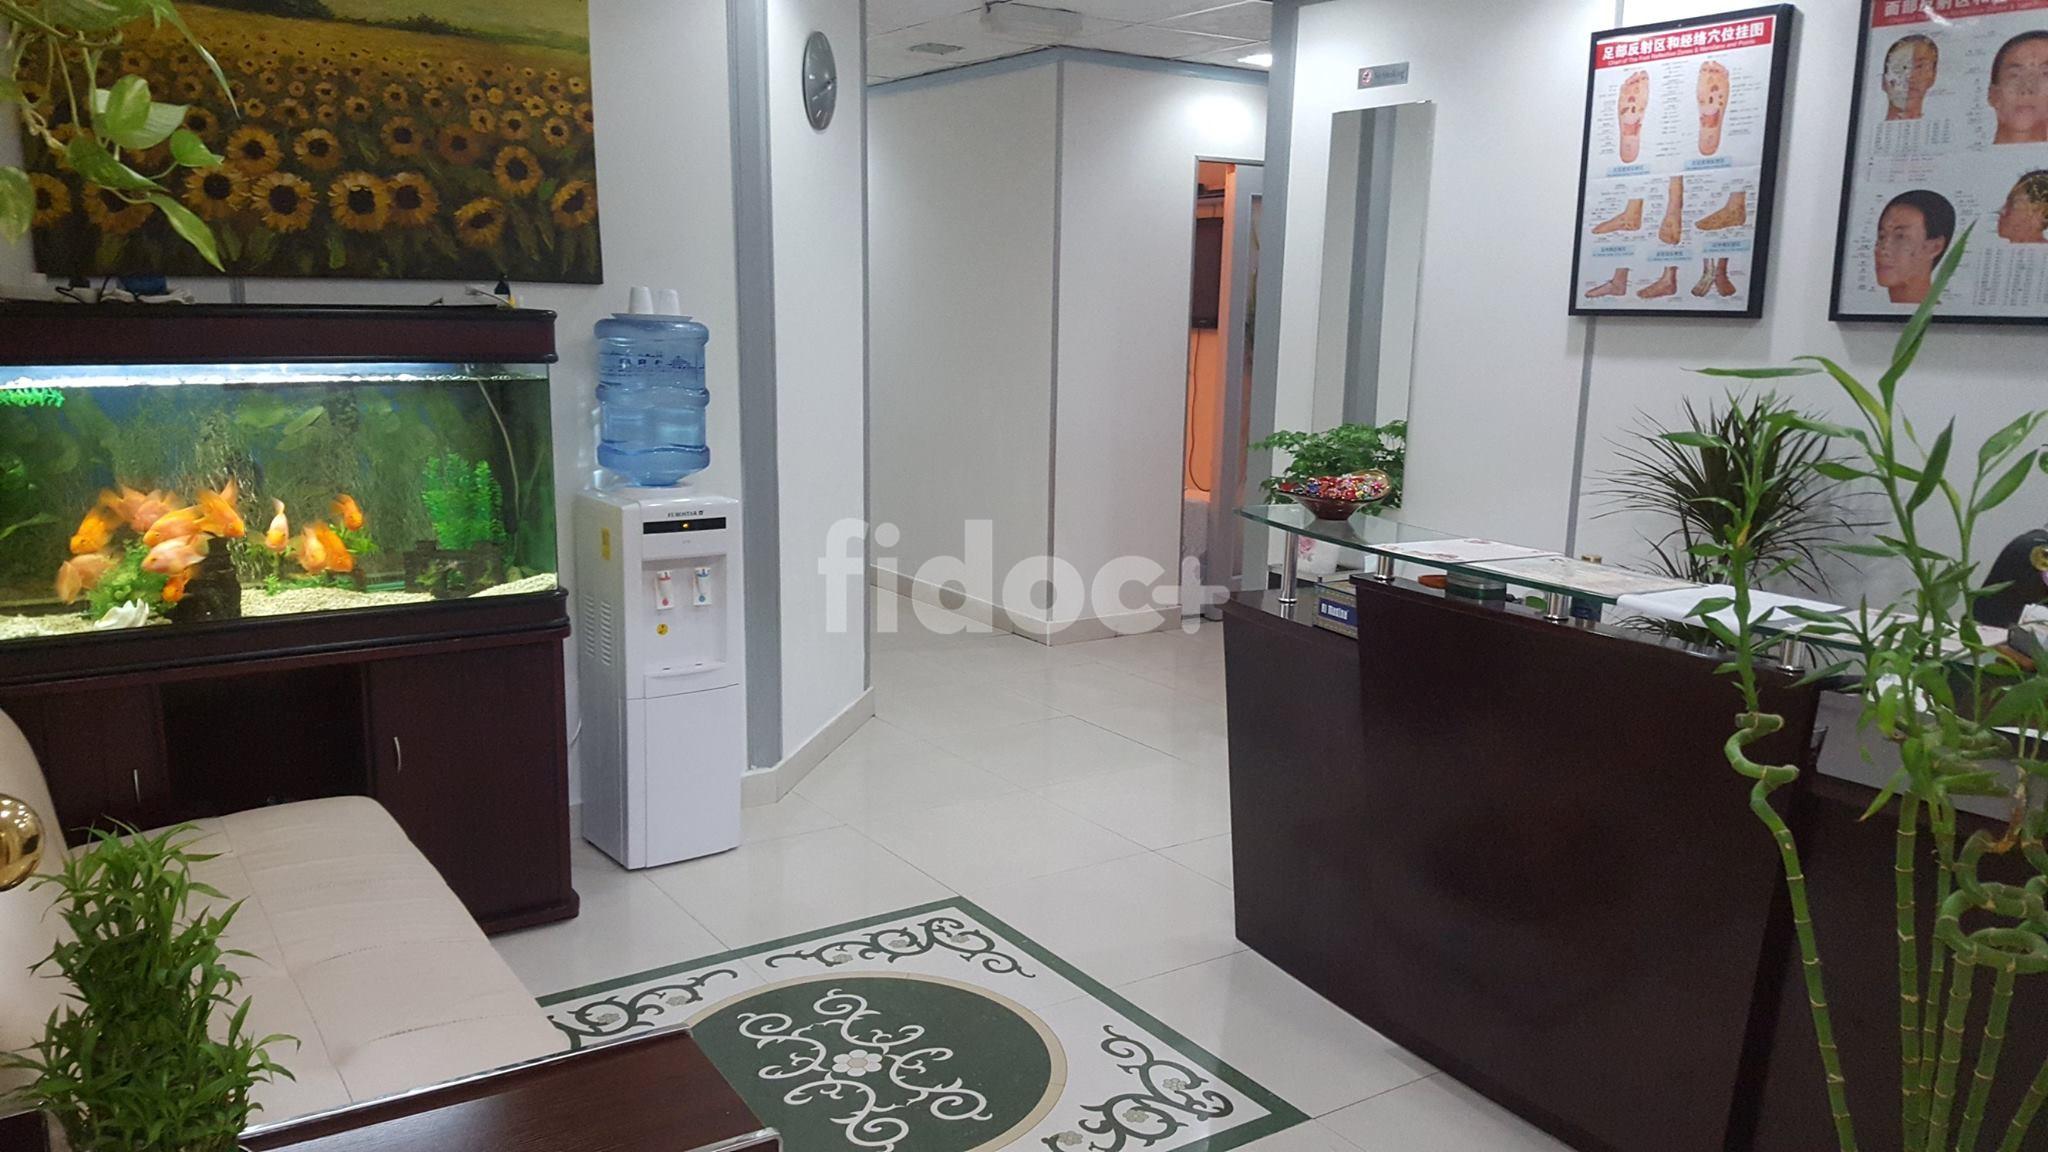 China & Emirates Clinic, Dubai